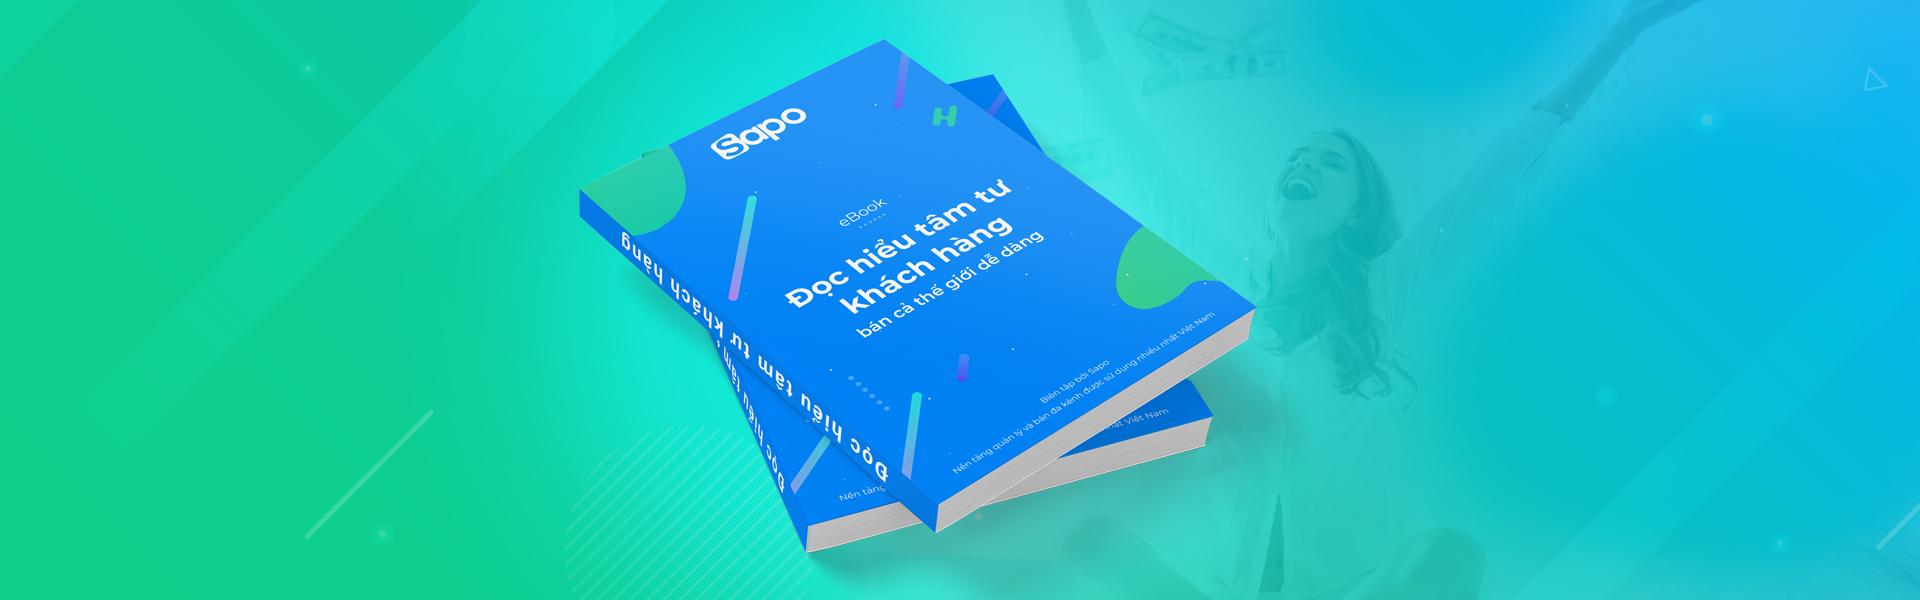 [eBook] Đọc hiểu tâm tư khách hàng bán cả thế giới dễ dàng